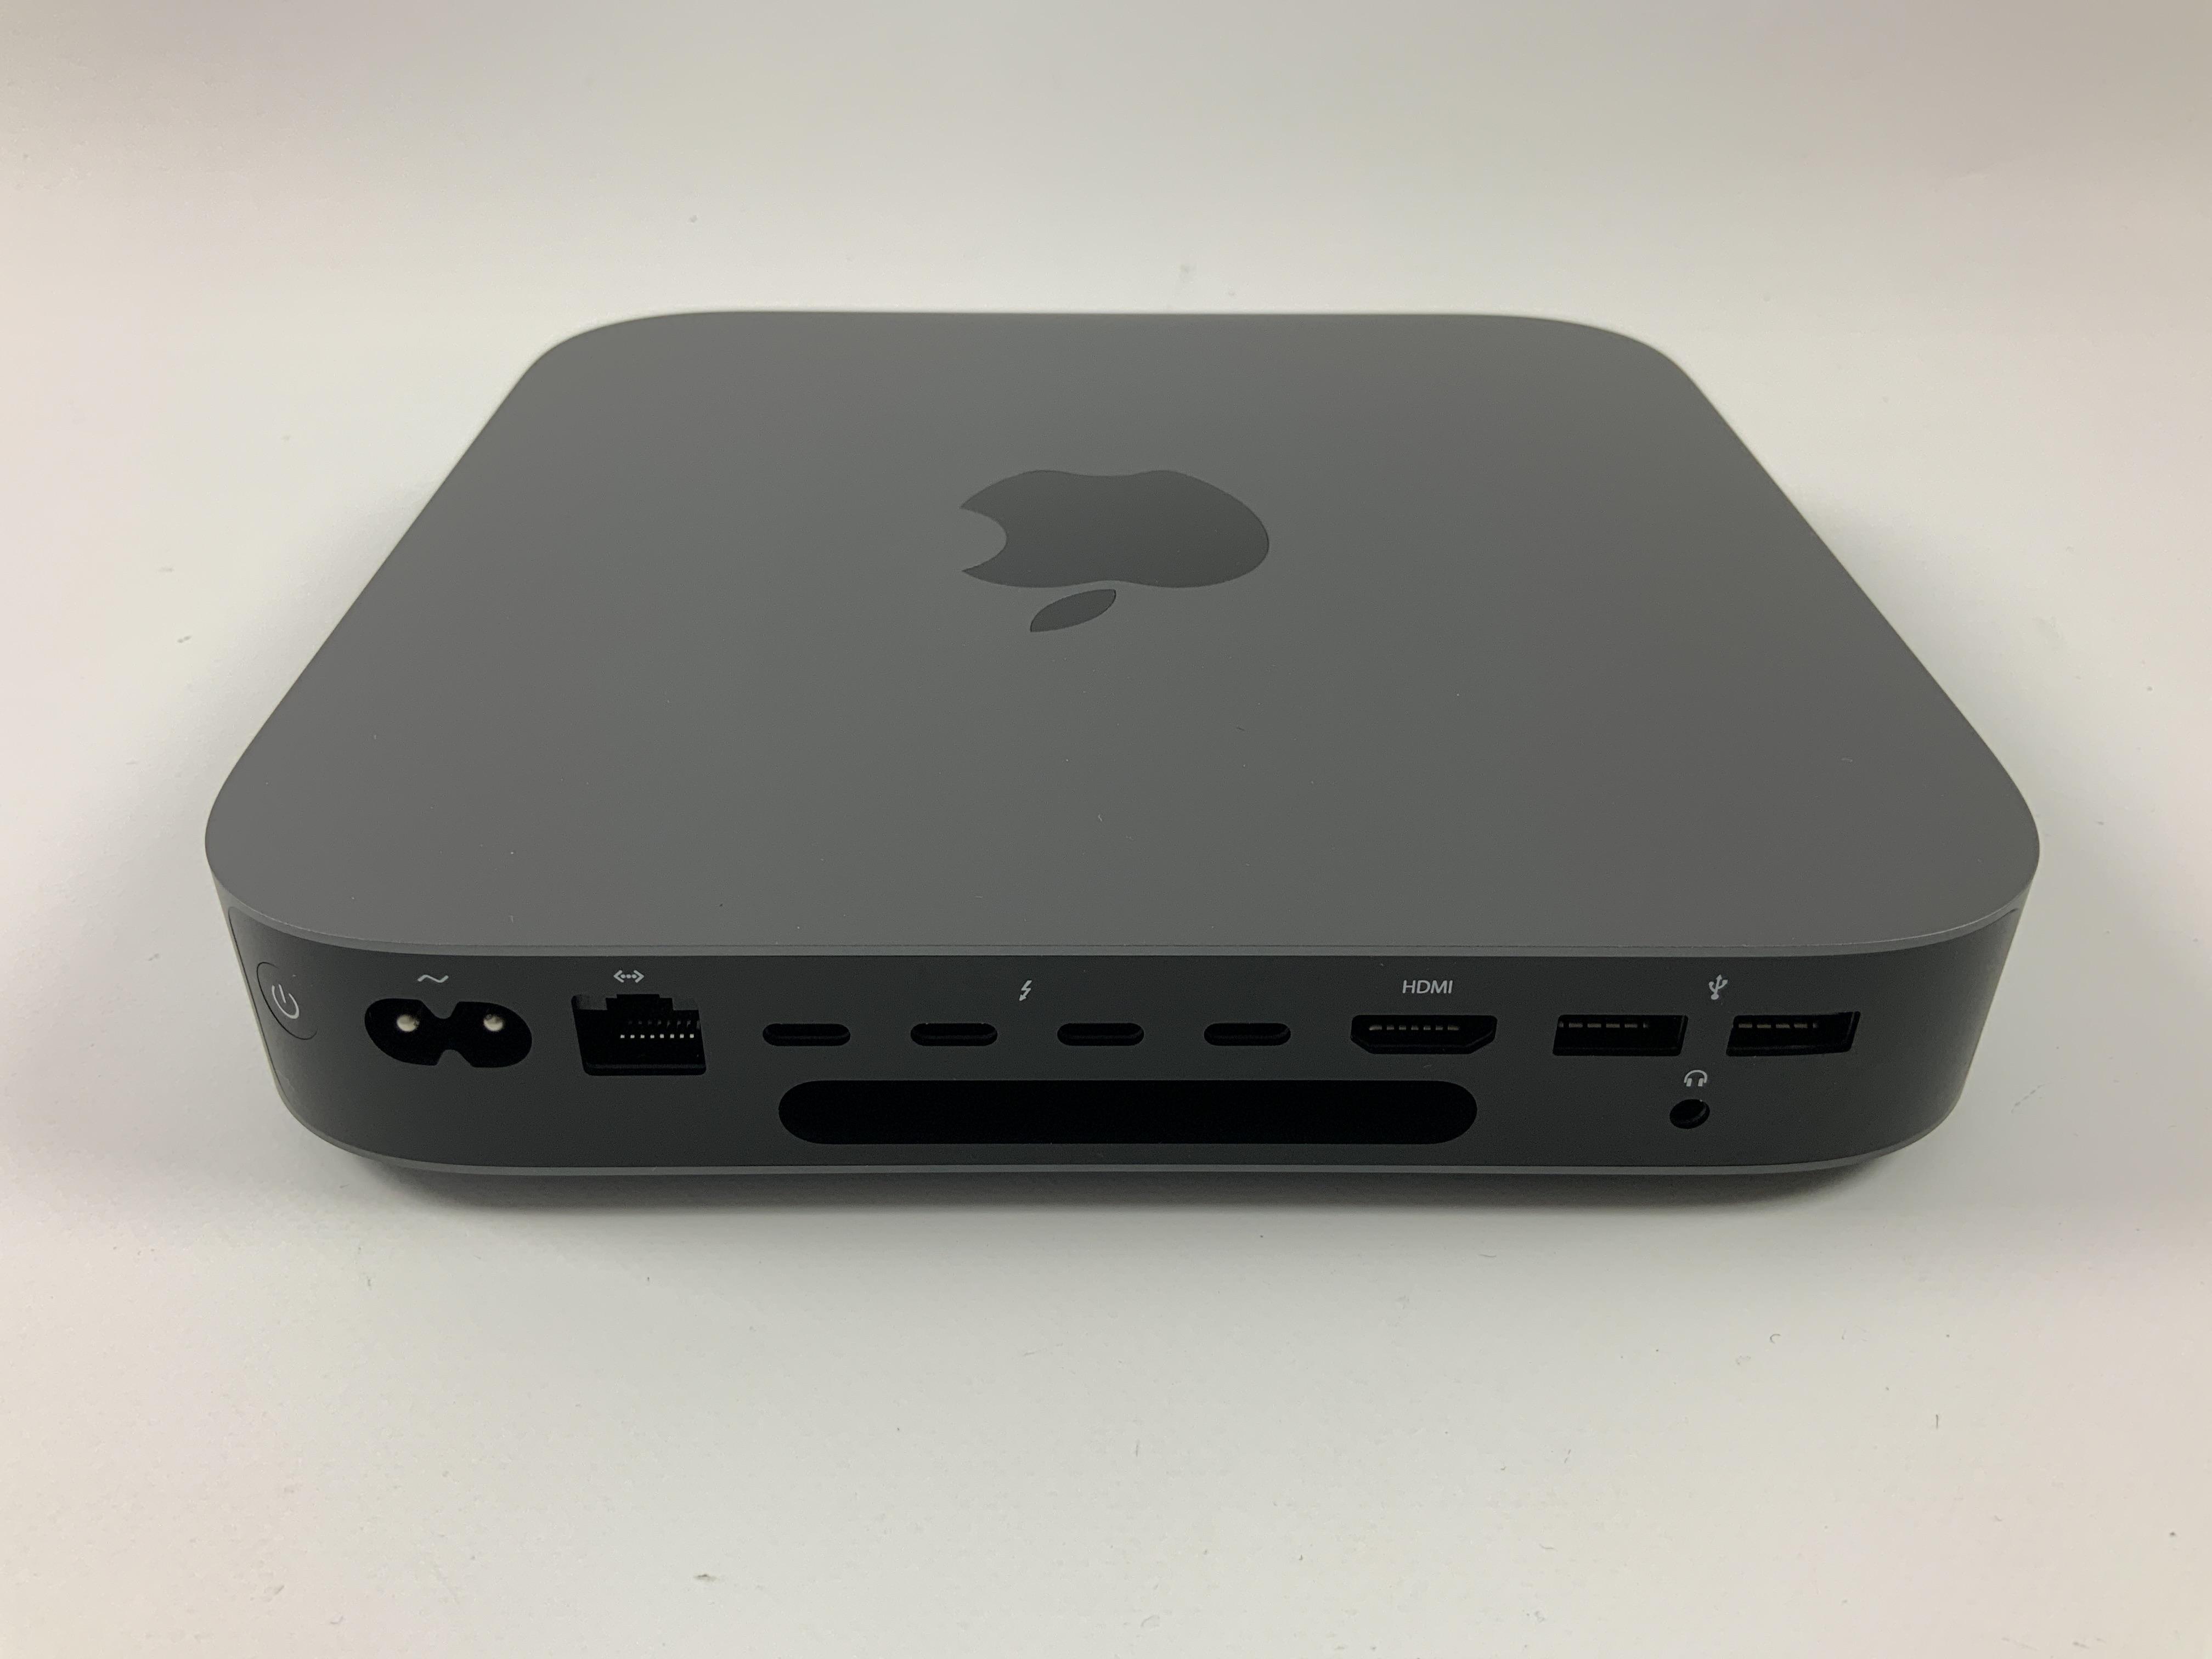 Mac Mini Late 2018 (Intel Quad-Core i3 3.6 GHz 32 GB RAM 256 GB SSD), Intel Quad-Core i3 3.6 GHz, 32 GB RAM, 256 GB SSD, obraz 3